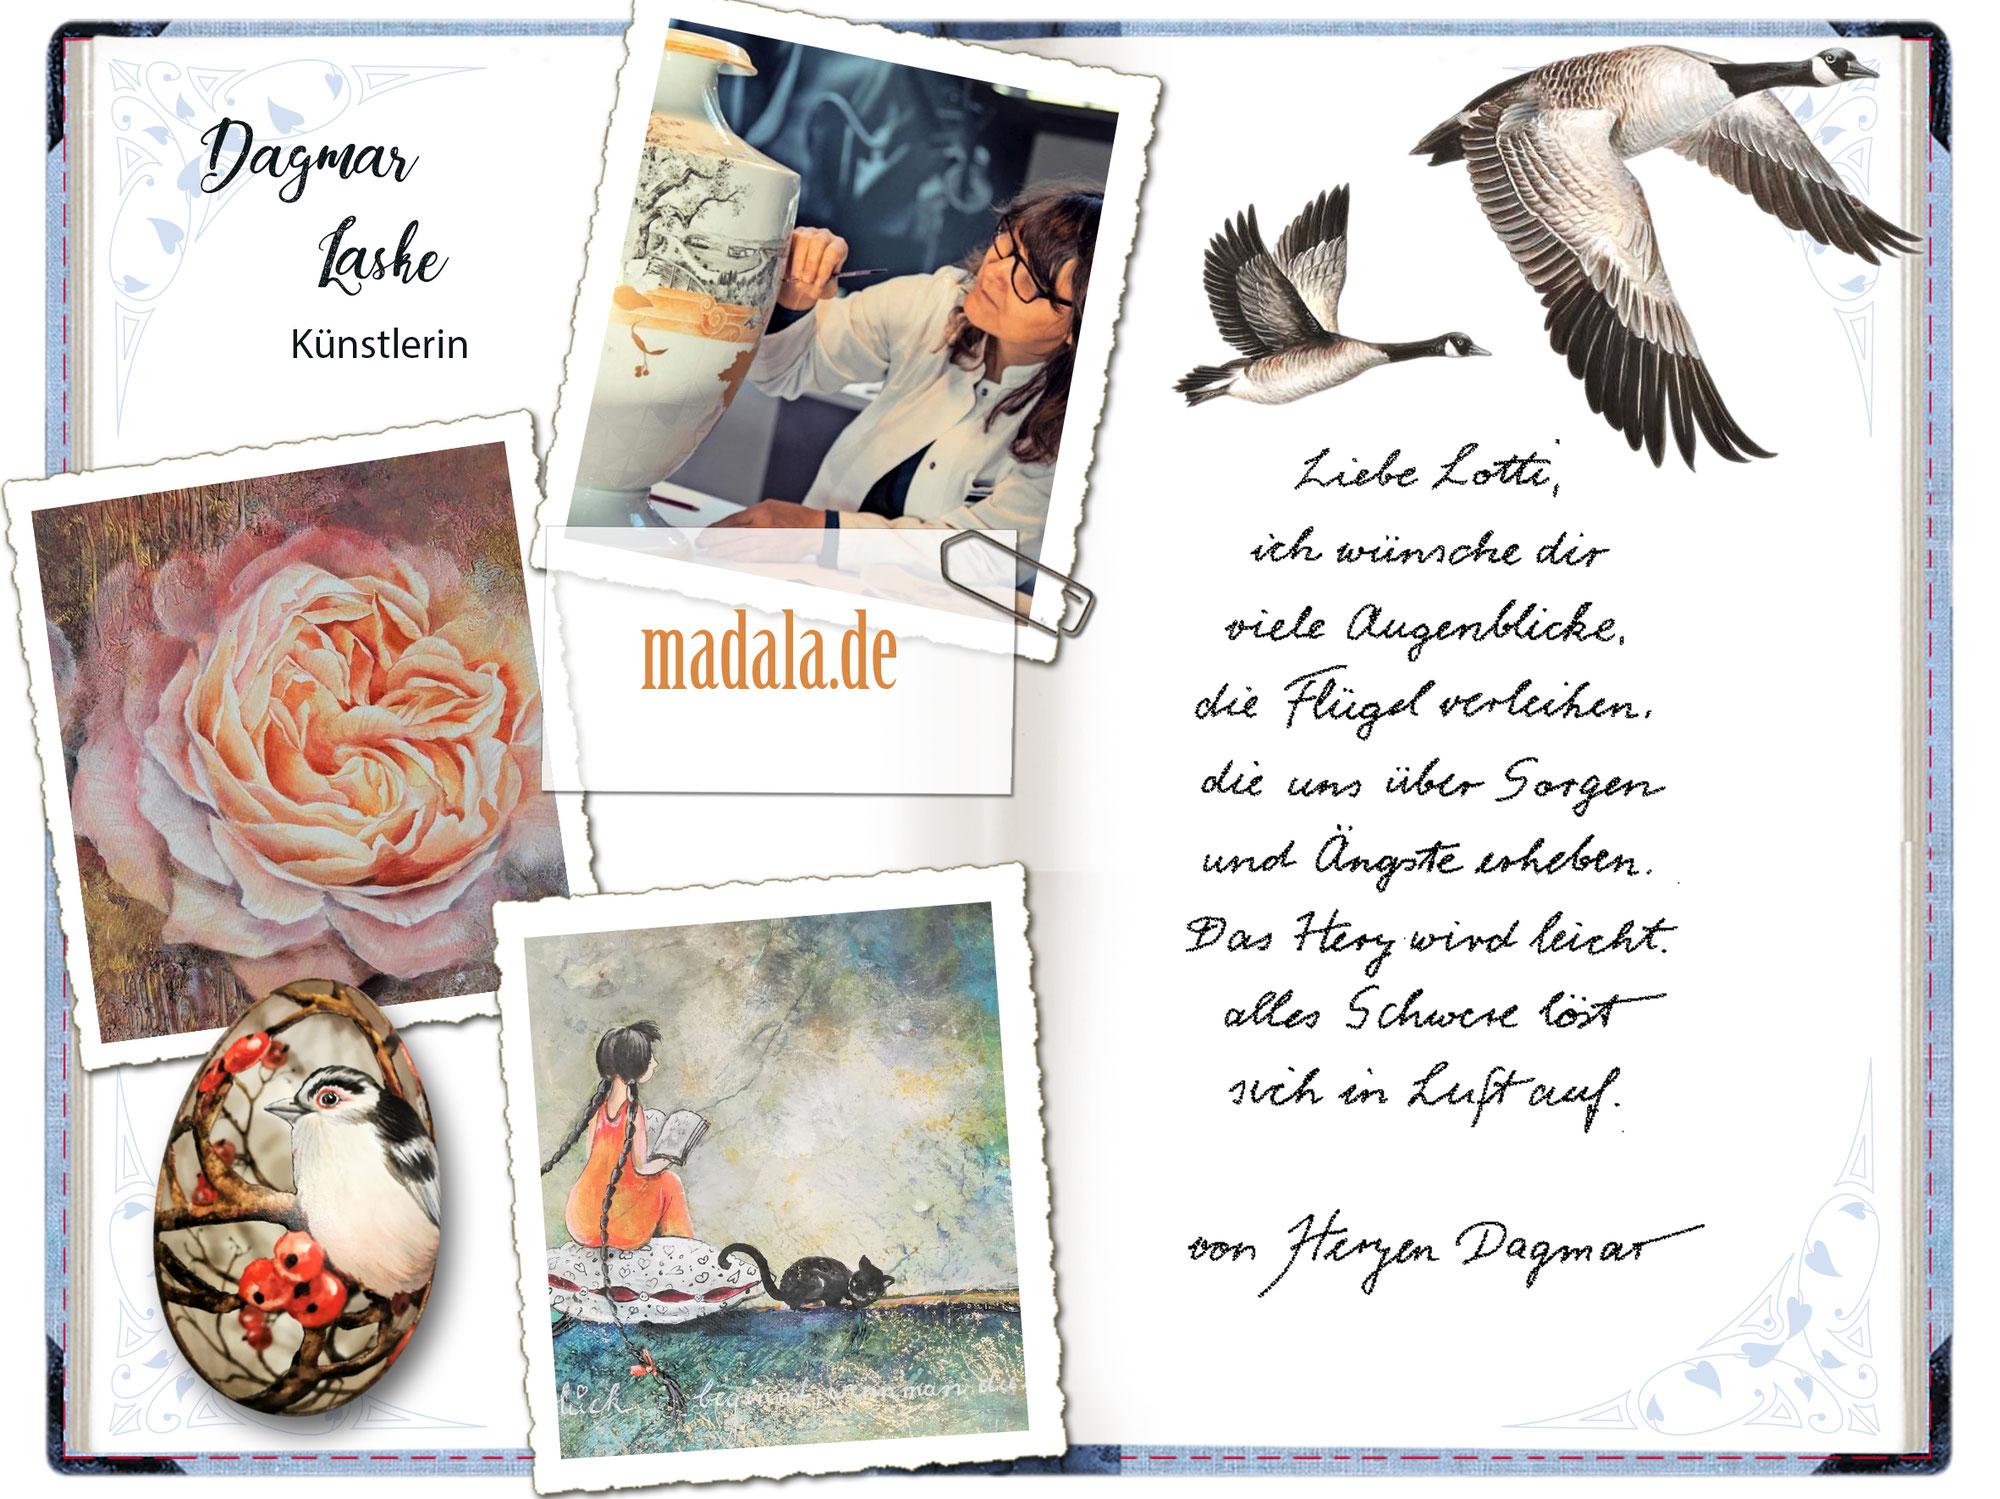 Dagmar Laske in Lottis Poesiealbum!